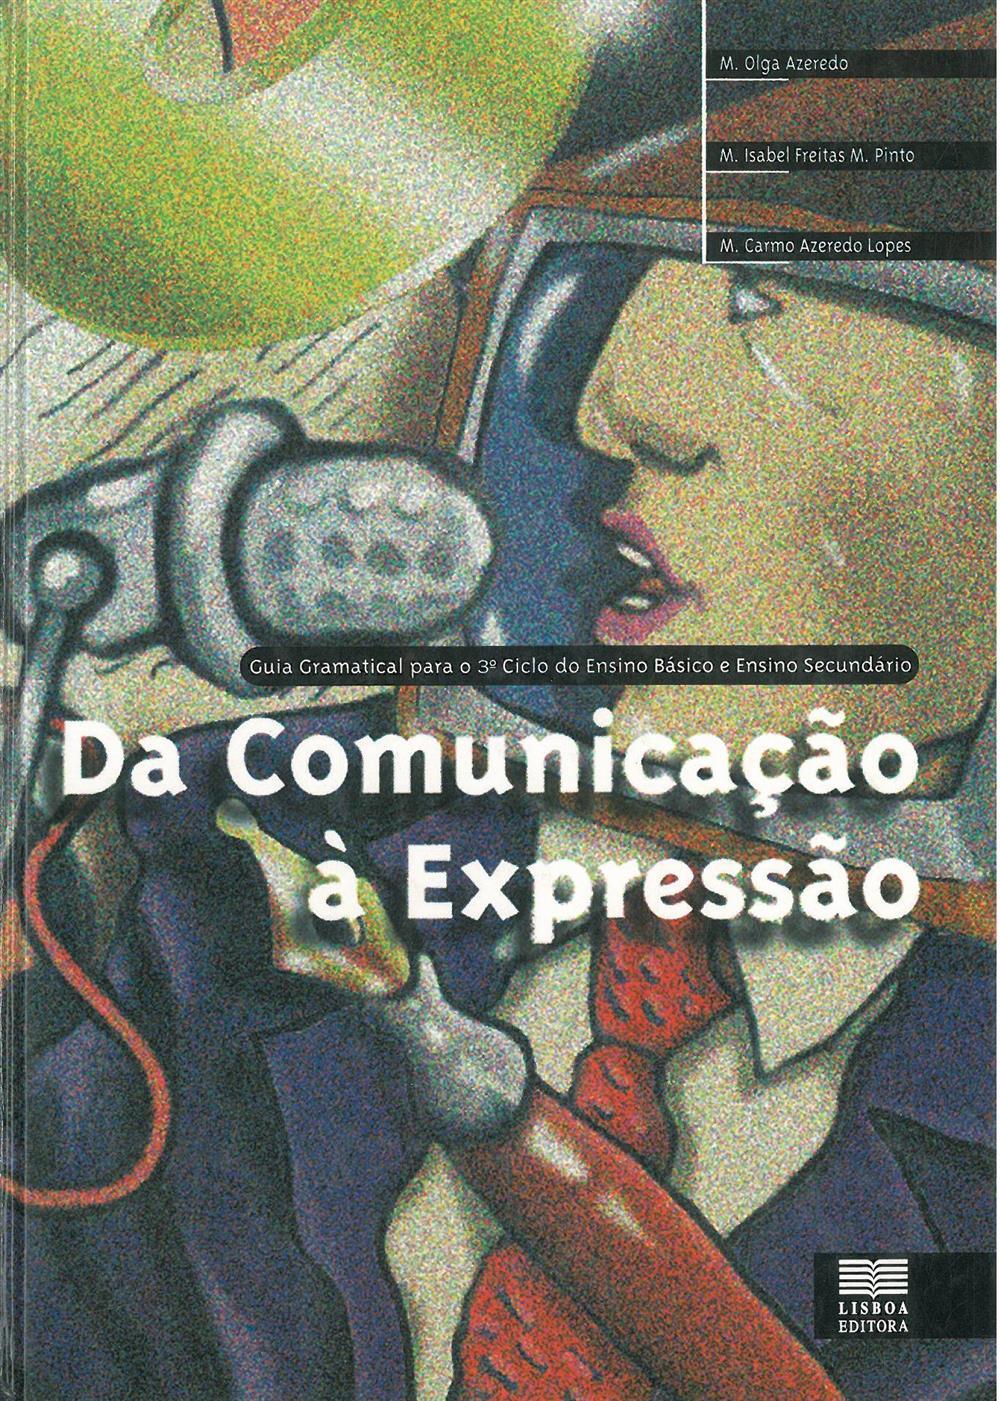 Da comunicação à expressão.jpg